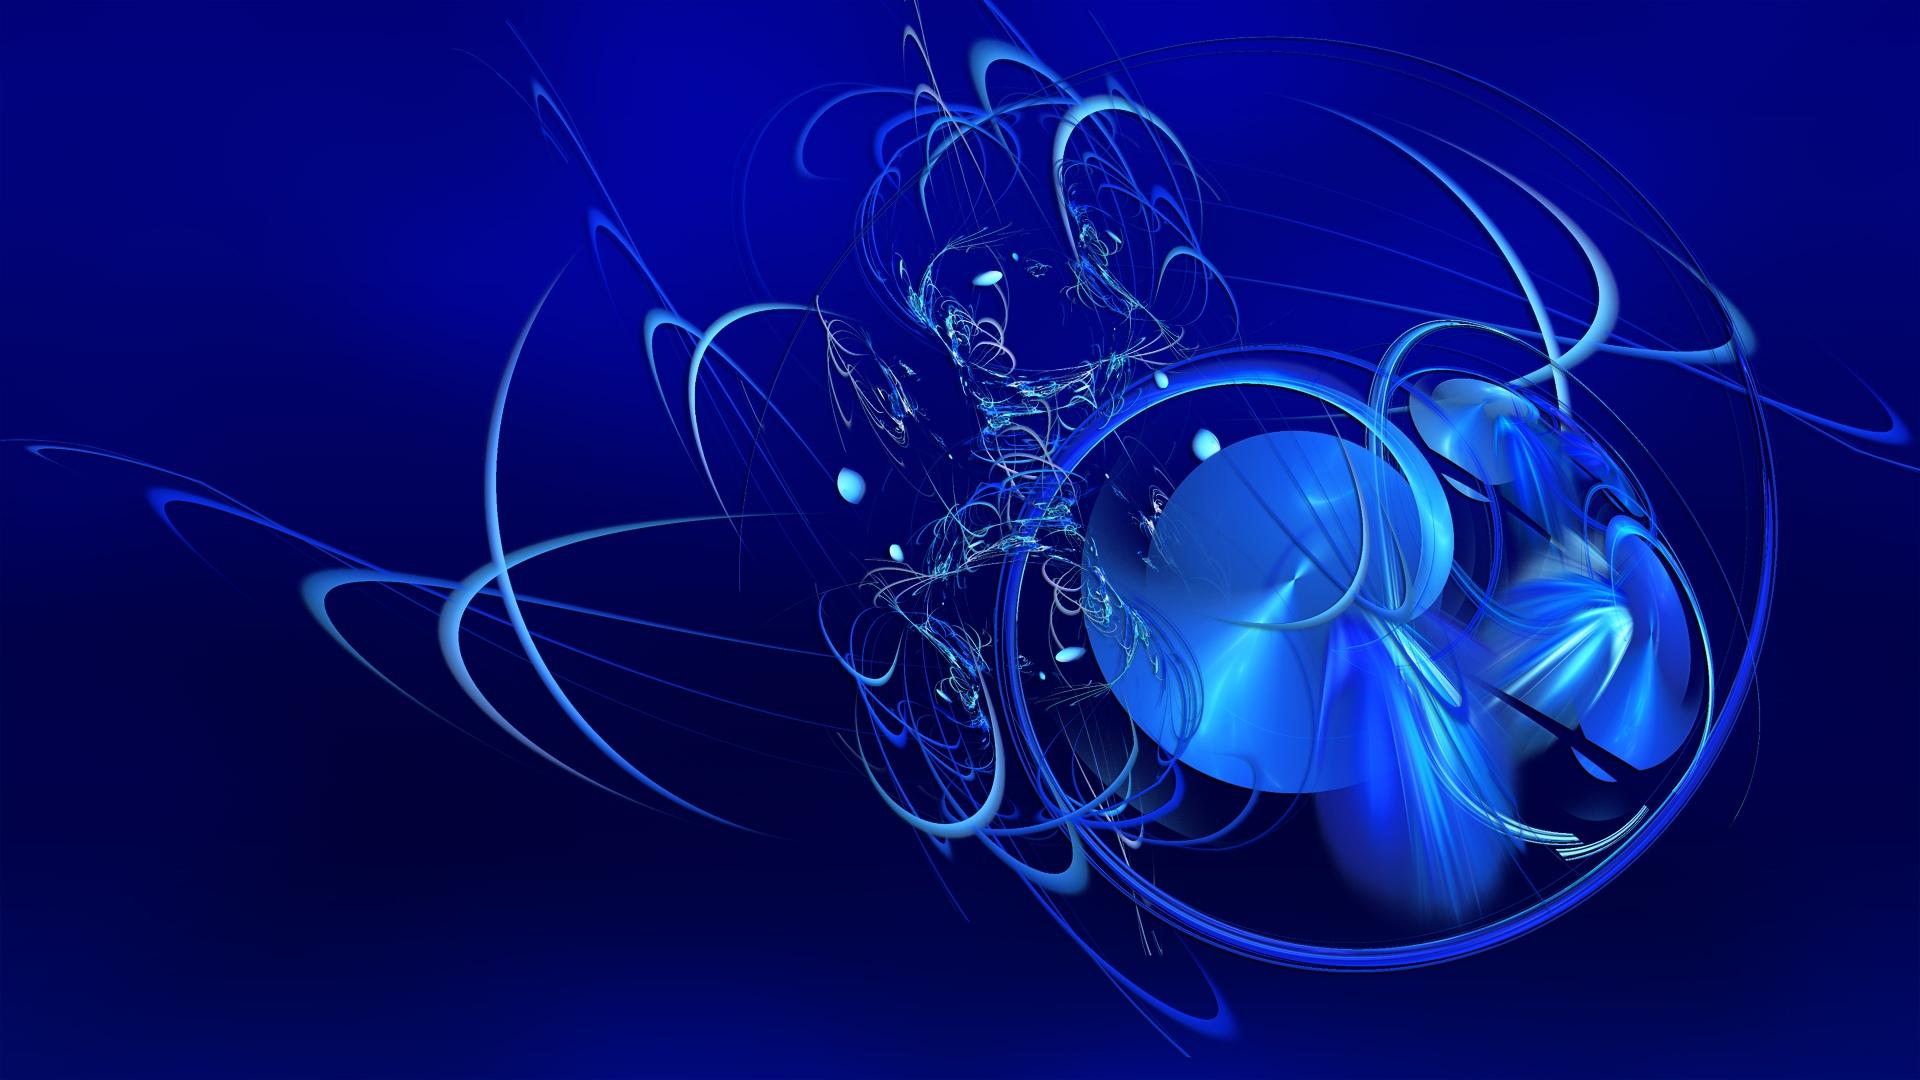 Картинки на голубом фоне для рабочего стола